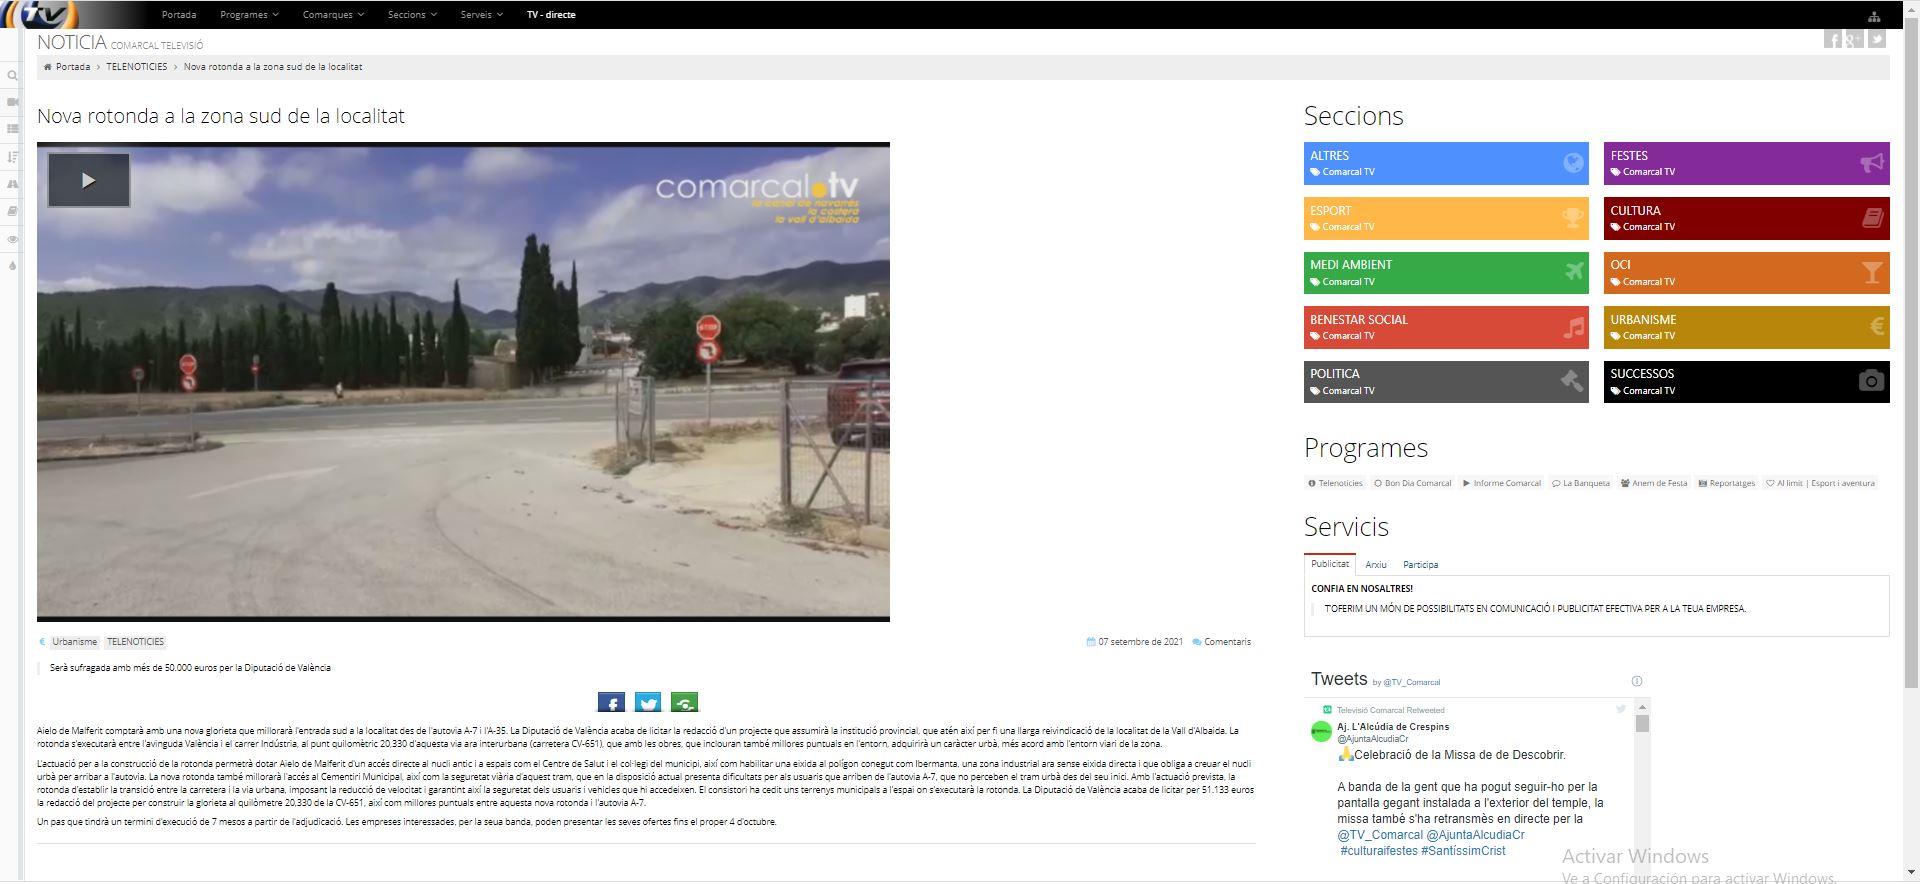 Notícia Comarcal TV: Nova rotonda a la zona sud de la localitat